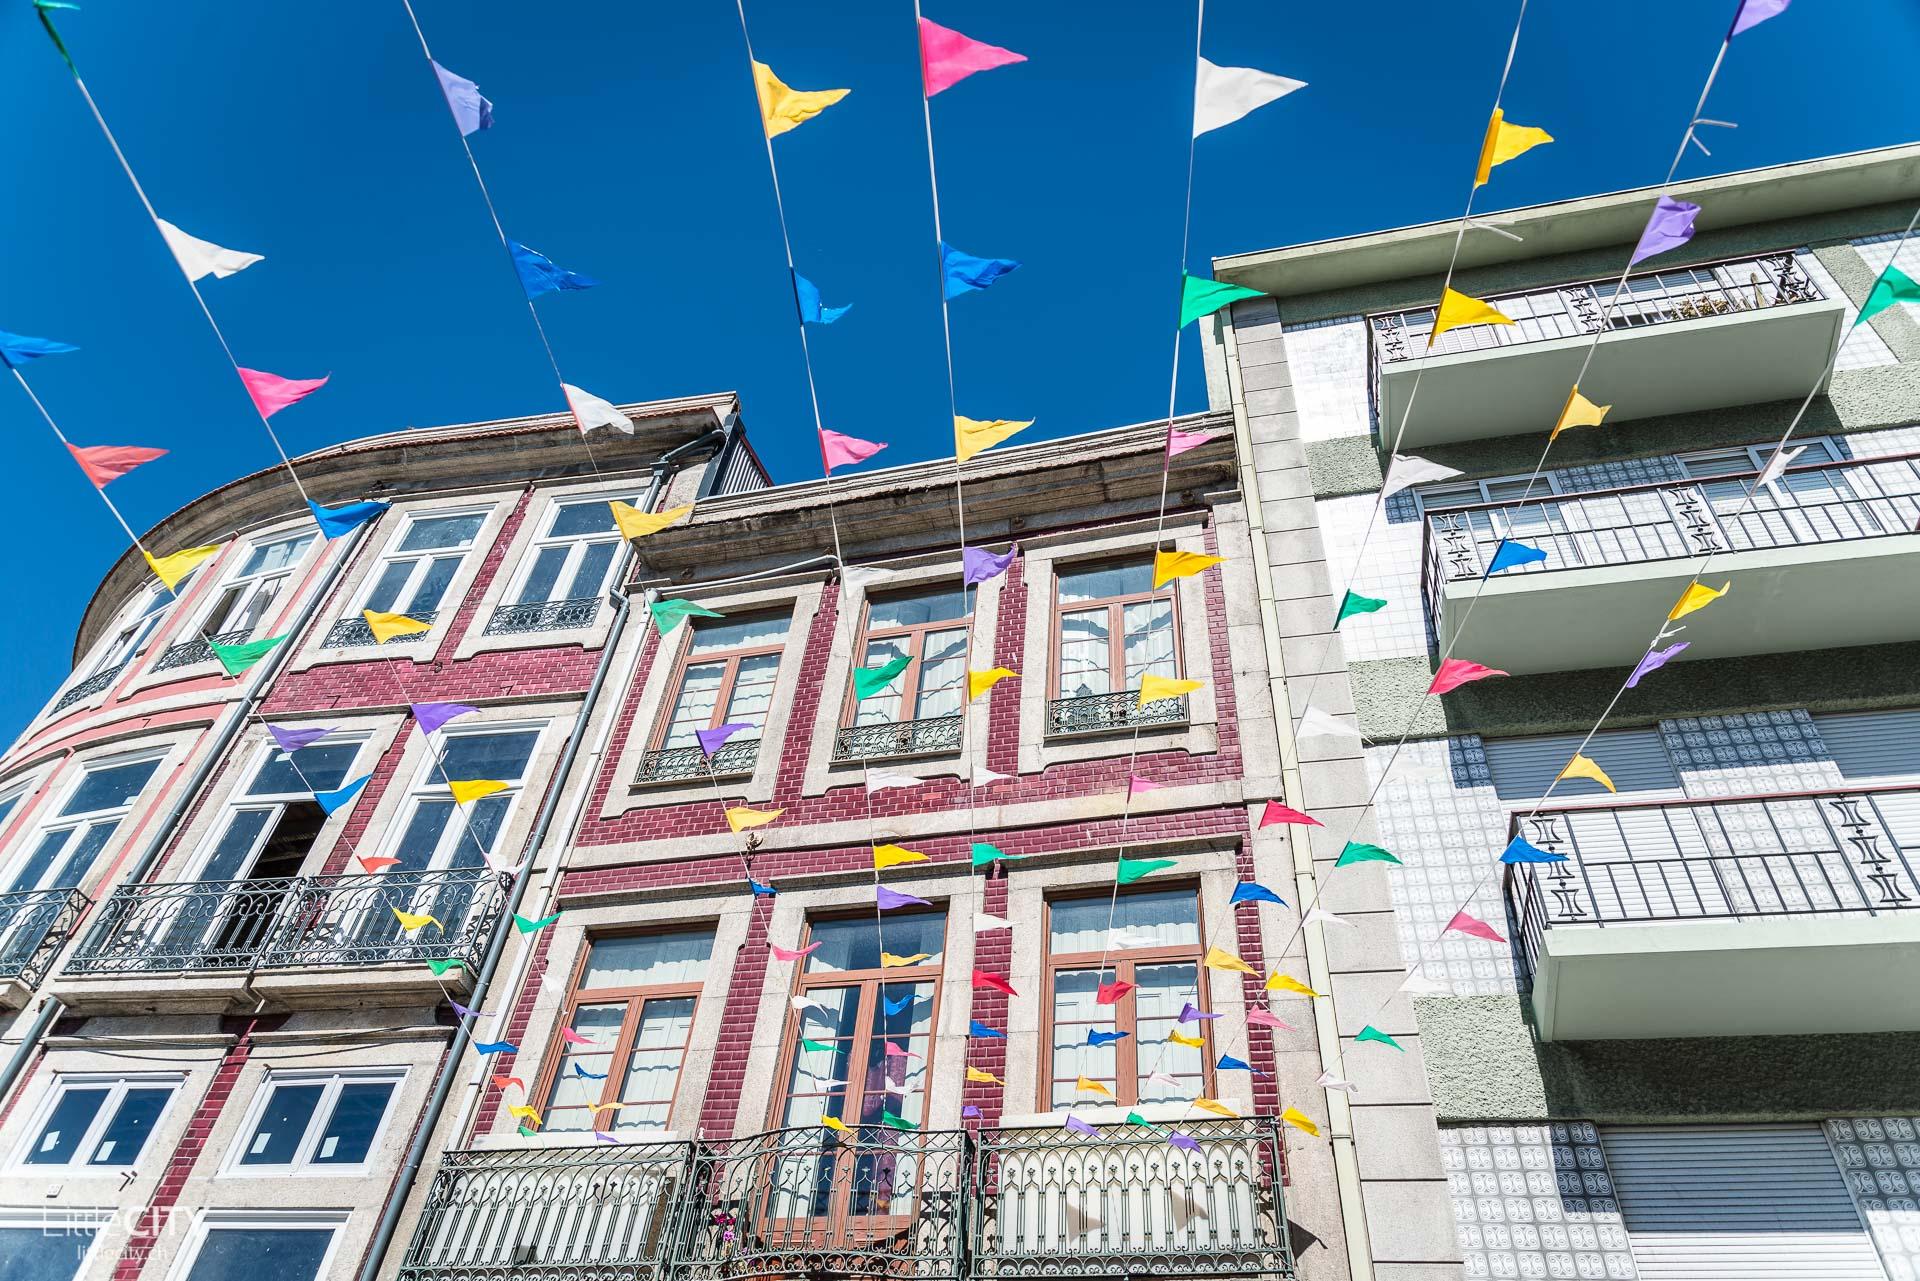 Porto Portugal Häuser mit Fähnchen-1